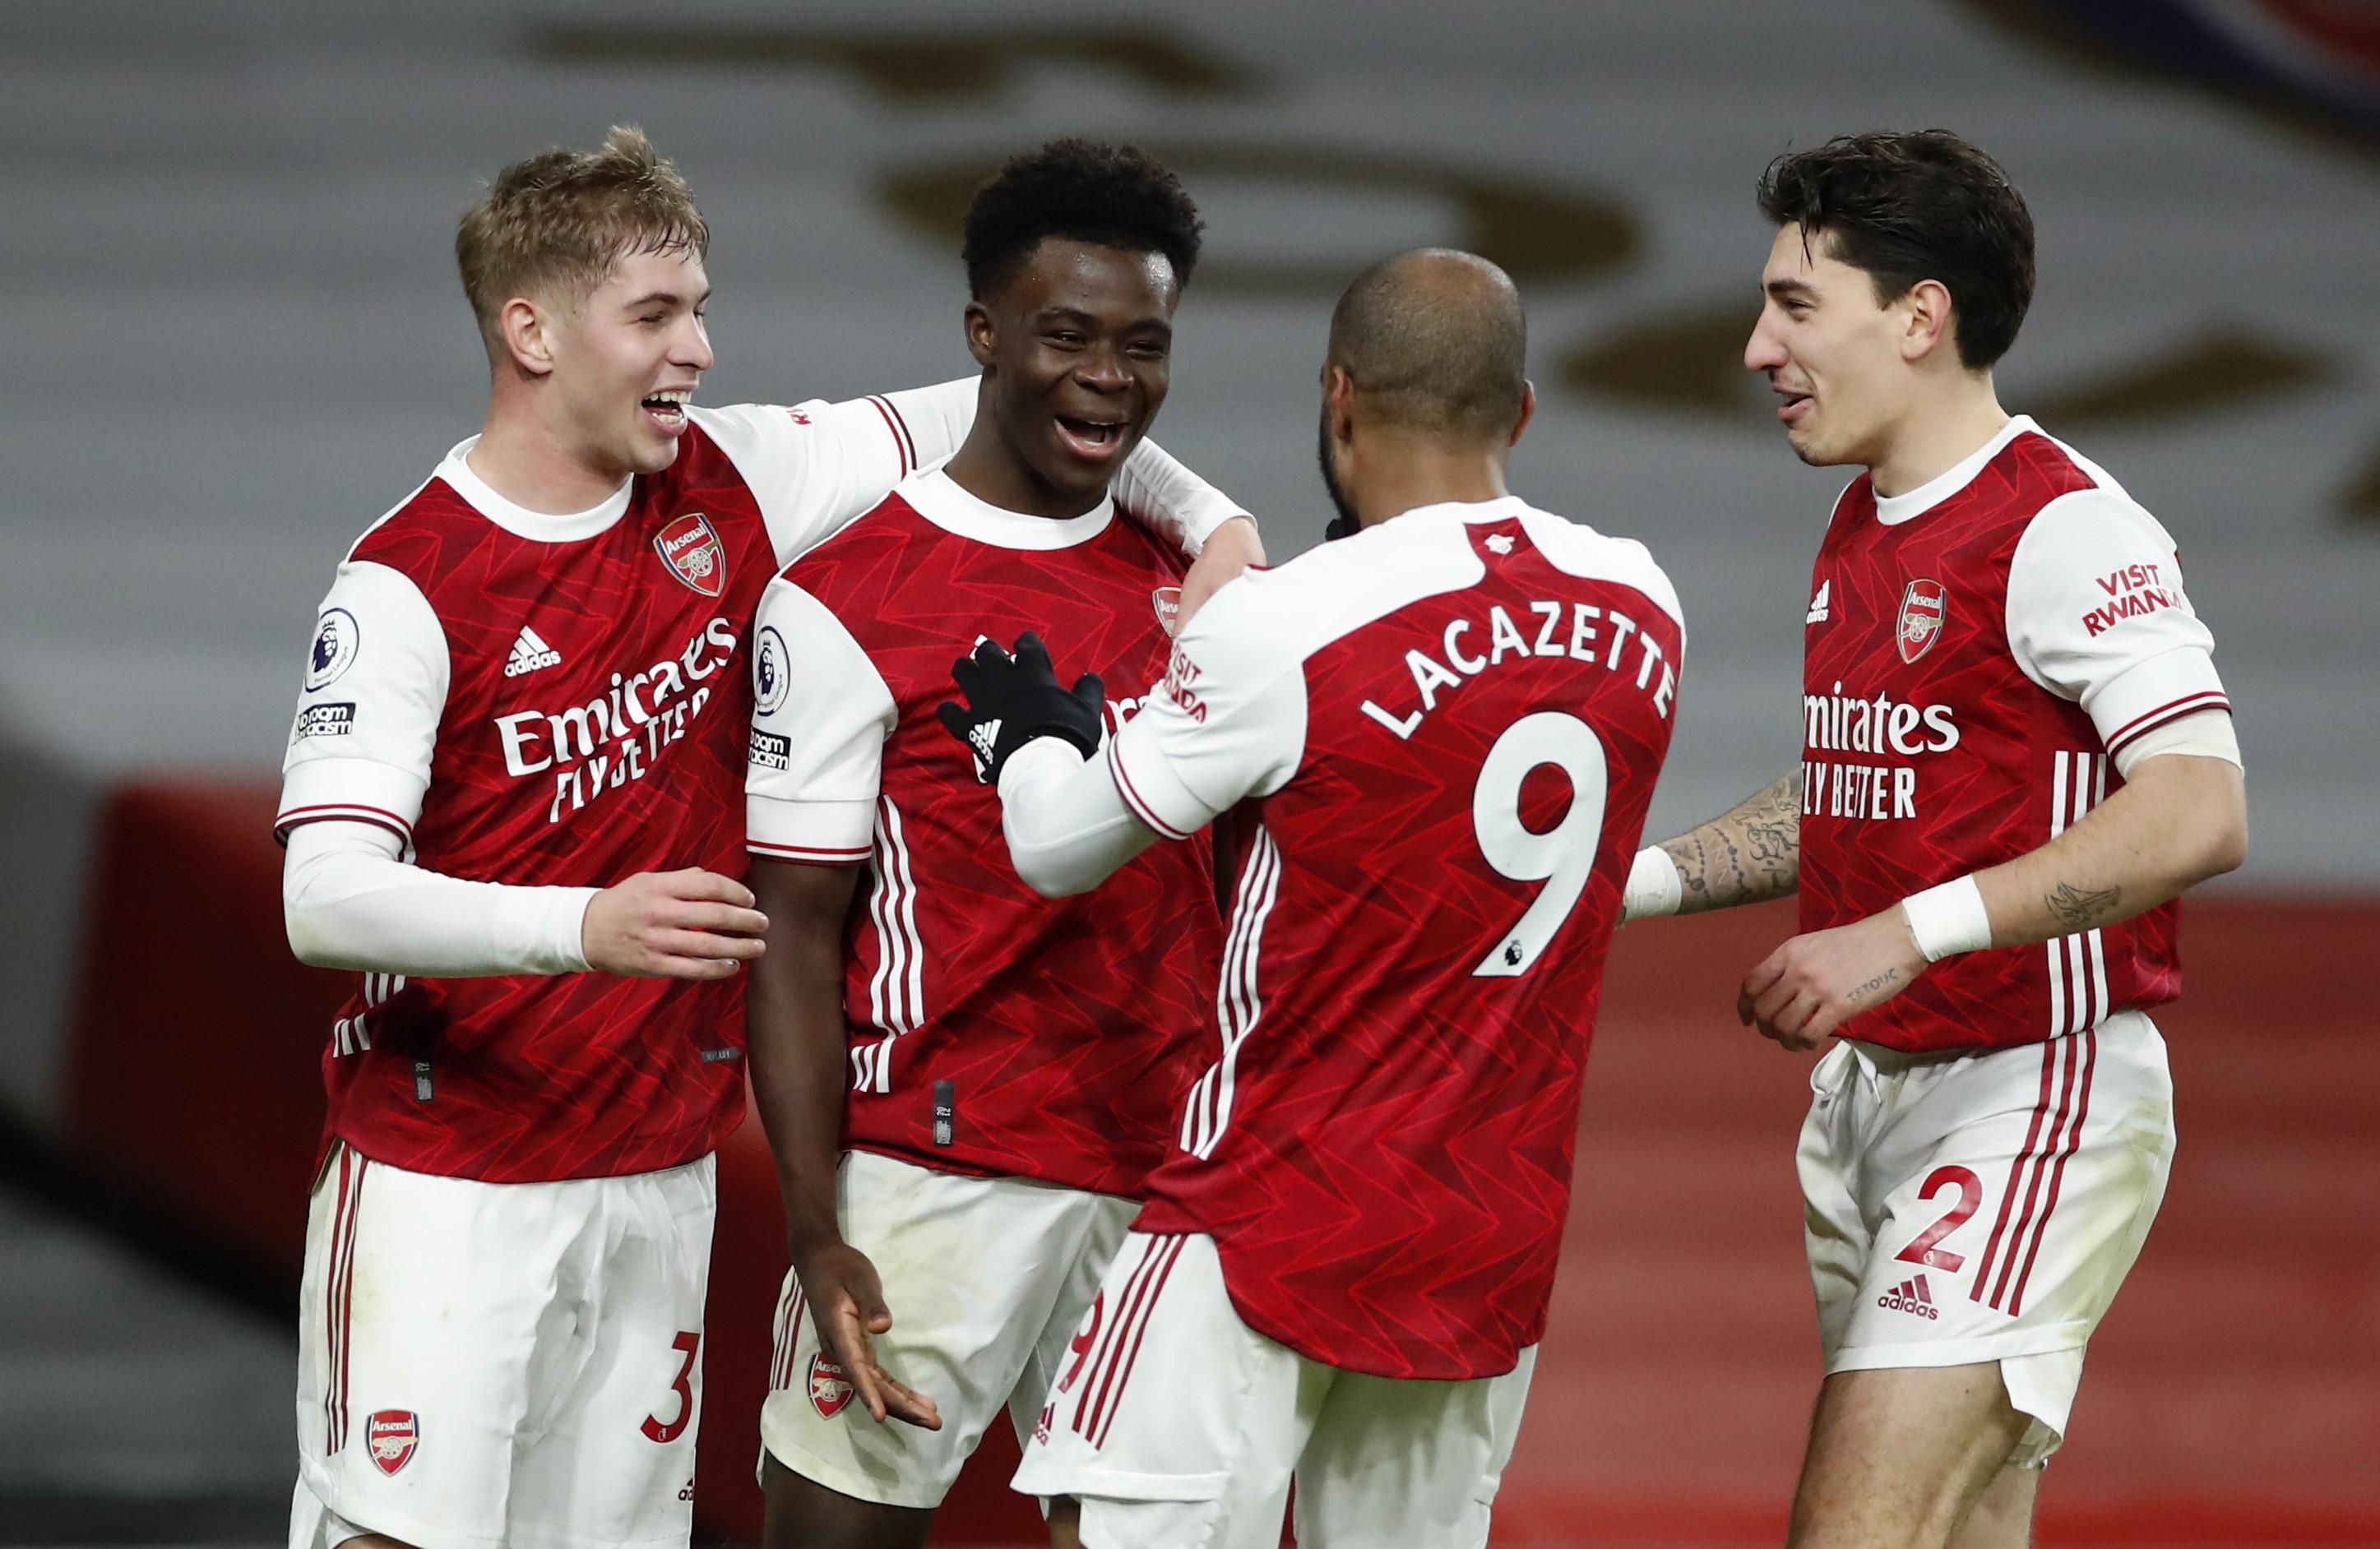 Los millones que perdió el Arsenal a partir del COVID-19 | Marketing Registrado / La Comunidad del Marketing Deportivo